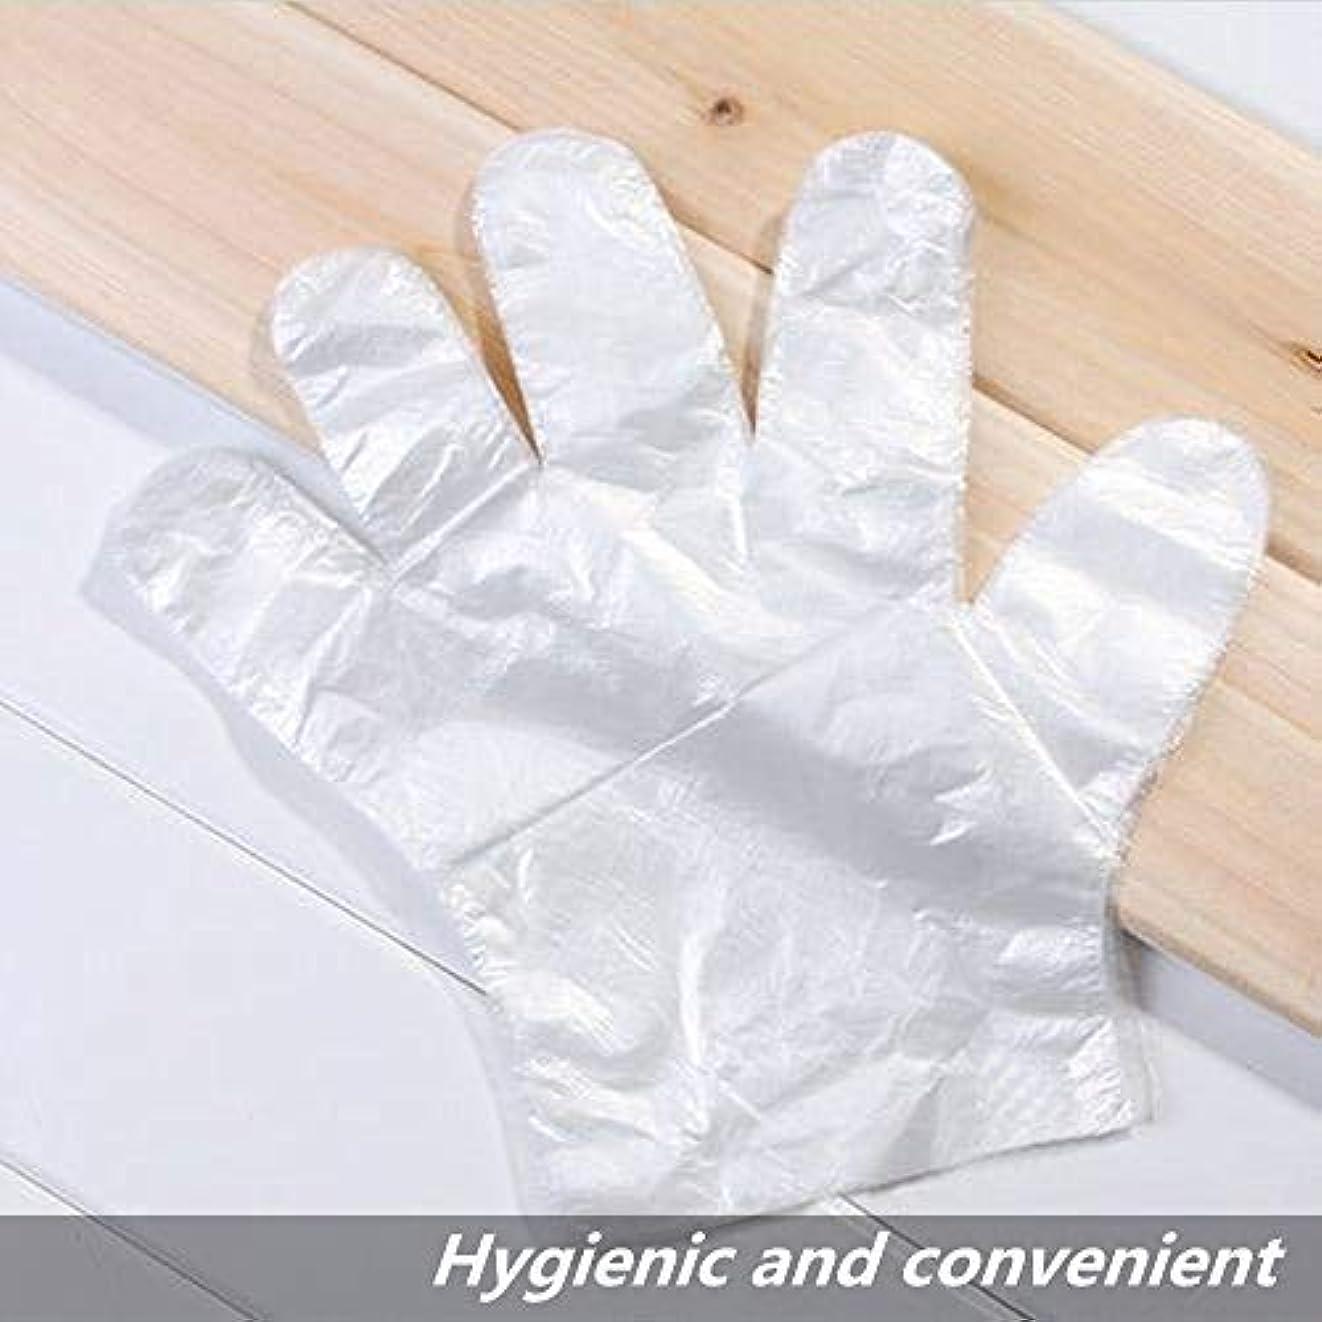 適応ゆるいメーター使い捨て手袋 プラスチック製使い捨て手袋 超薄型多機能透明なプラスチック手袋調理、掃除、染色などに適しています 50または100個 (100)